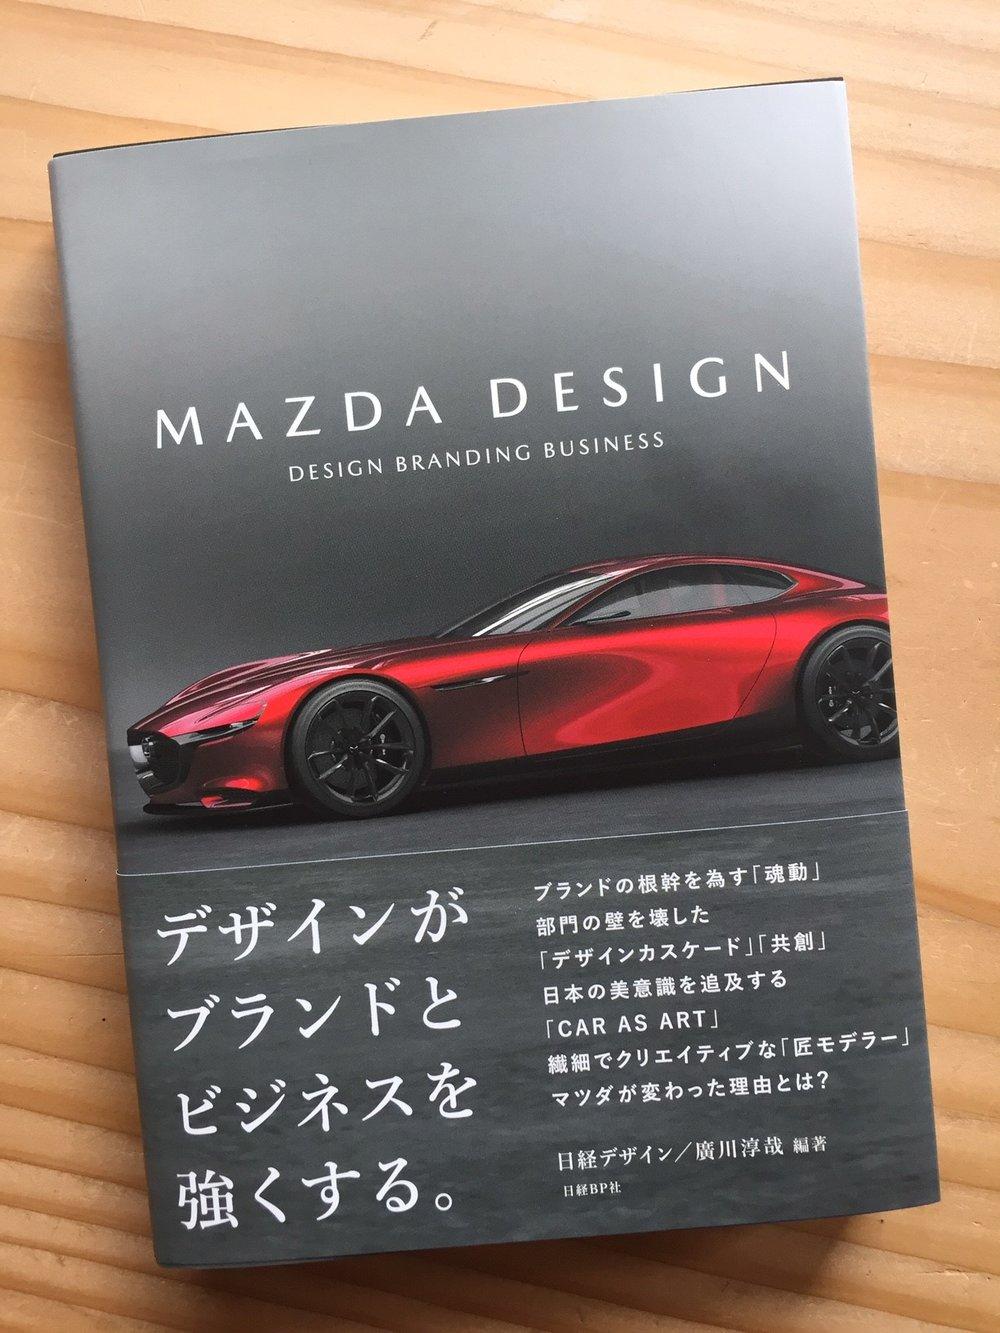 mazda design.JPG